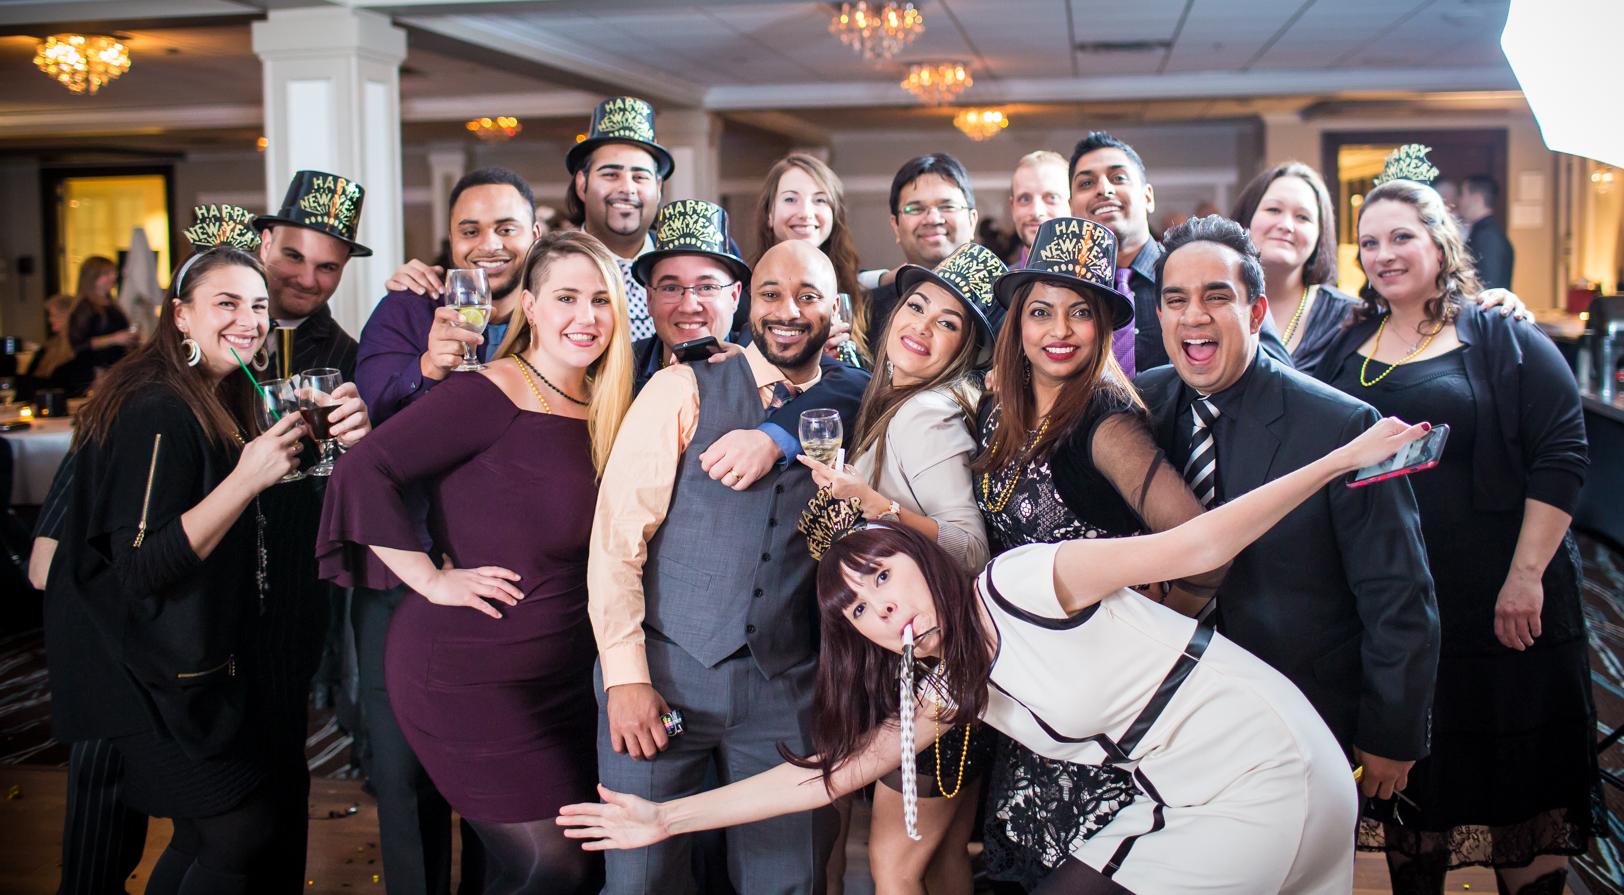 indoor wedding party portrait - New Years Eve Wedding Edmonton